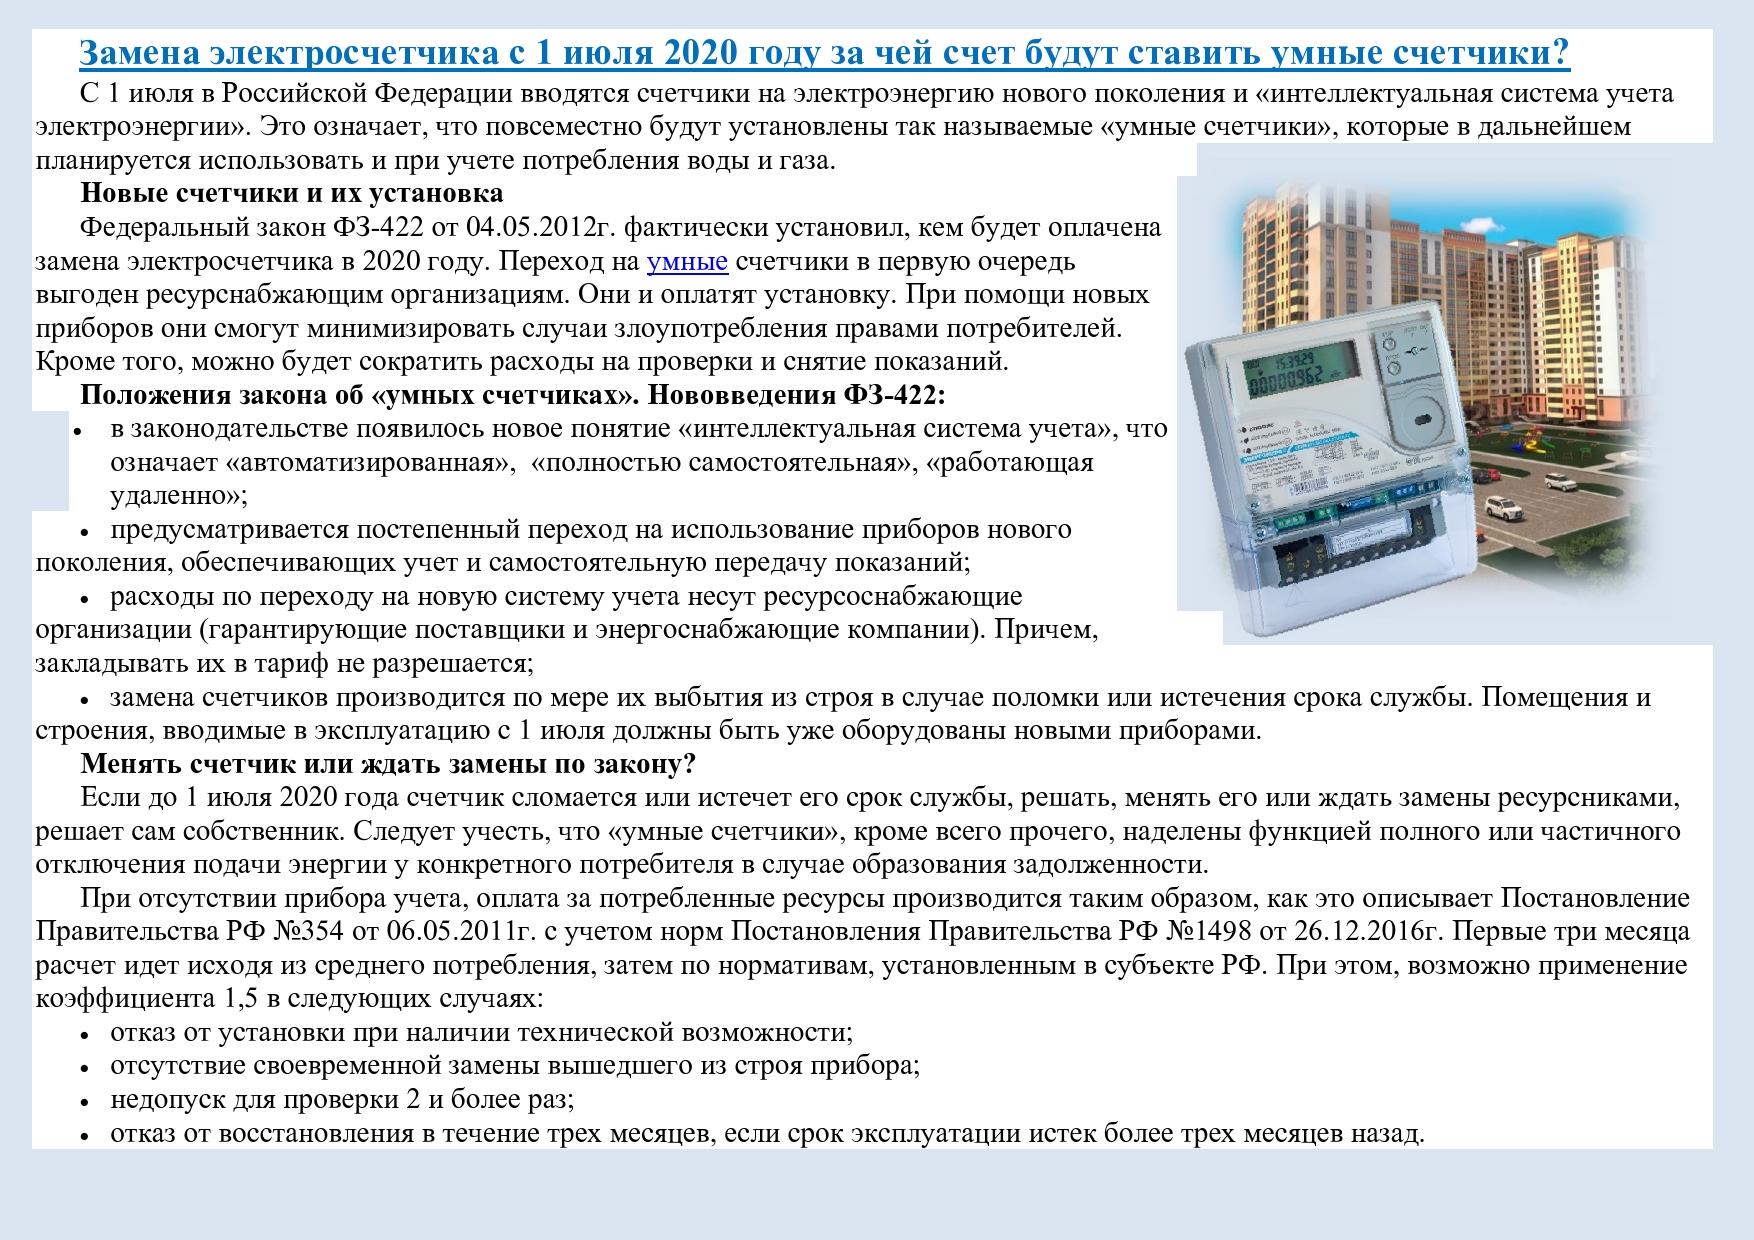 Установка газового счетчика в квартире или частном доме в москве и московской области